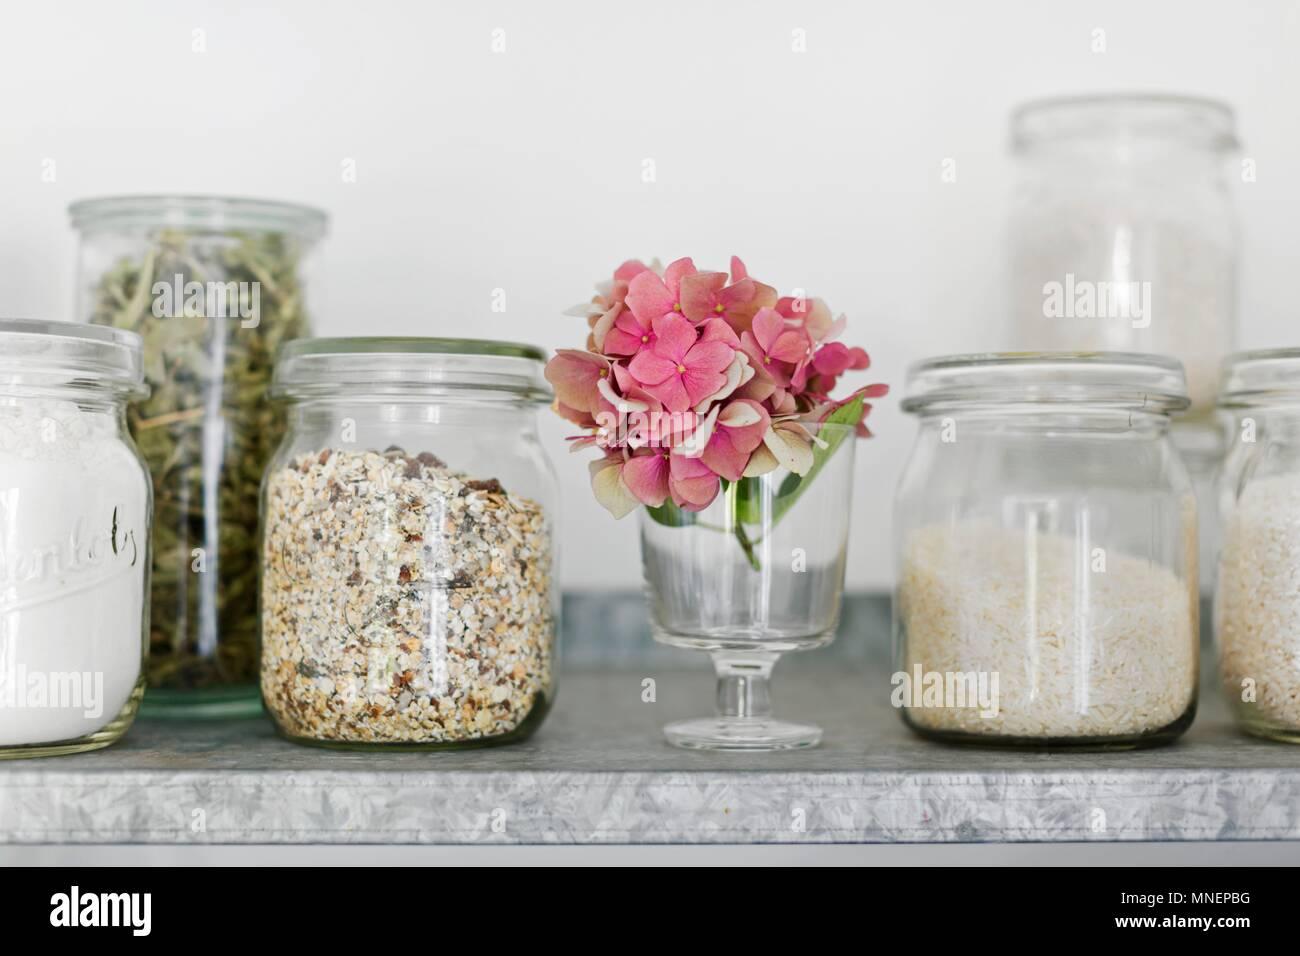 Vorratsgefäße (alte Einmachgläser) mit Müsli, Reis, eisenkraut